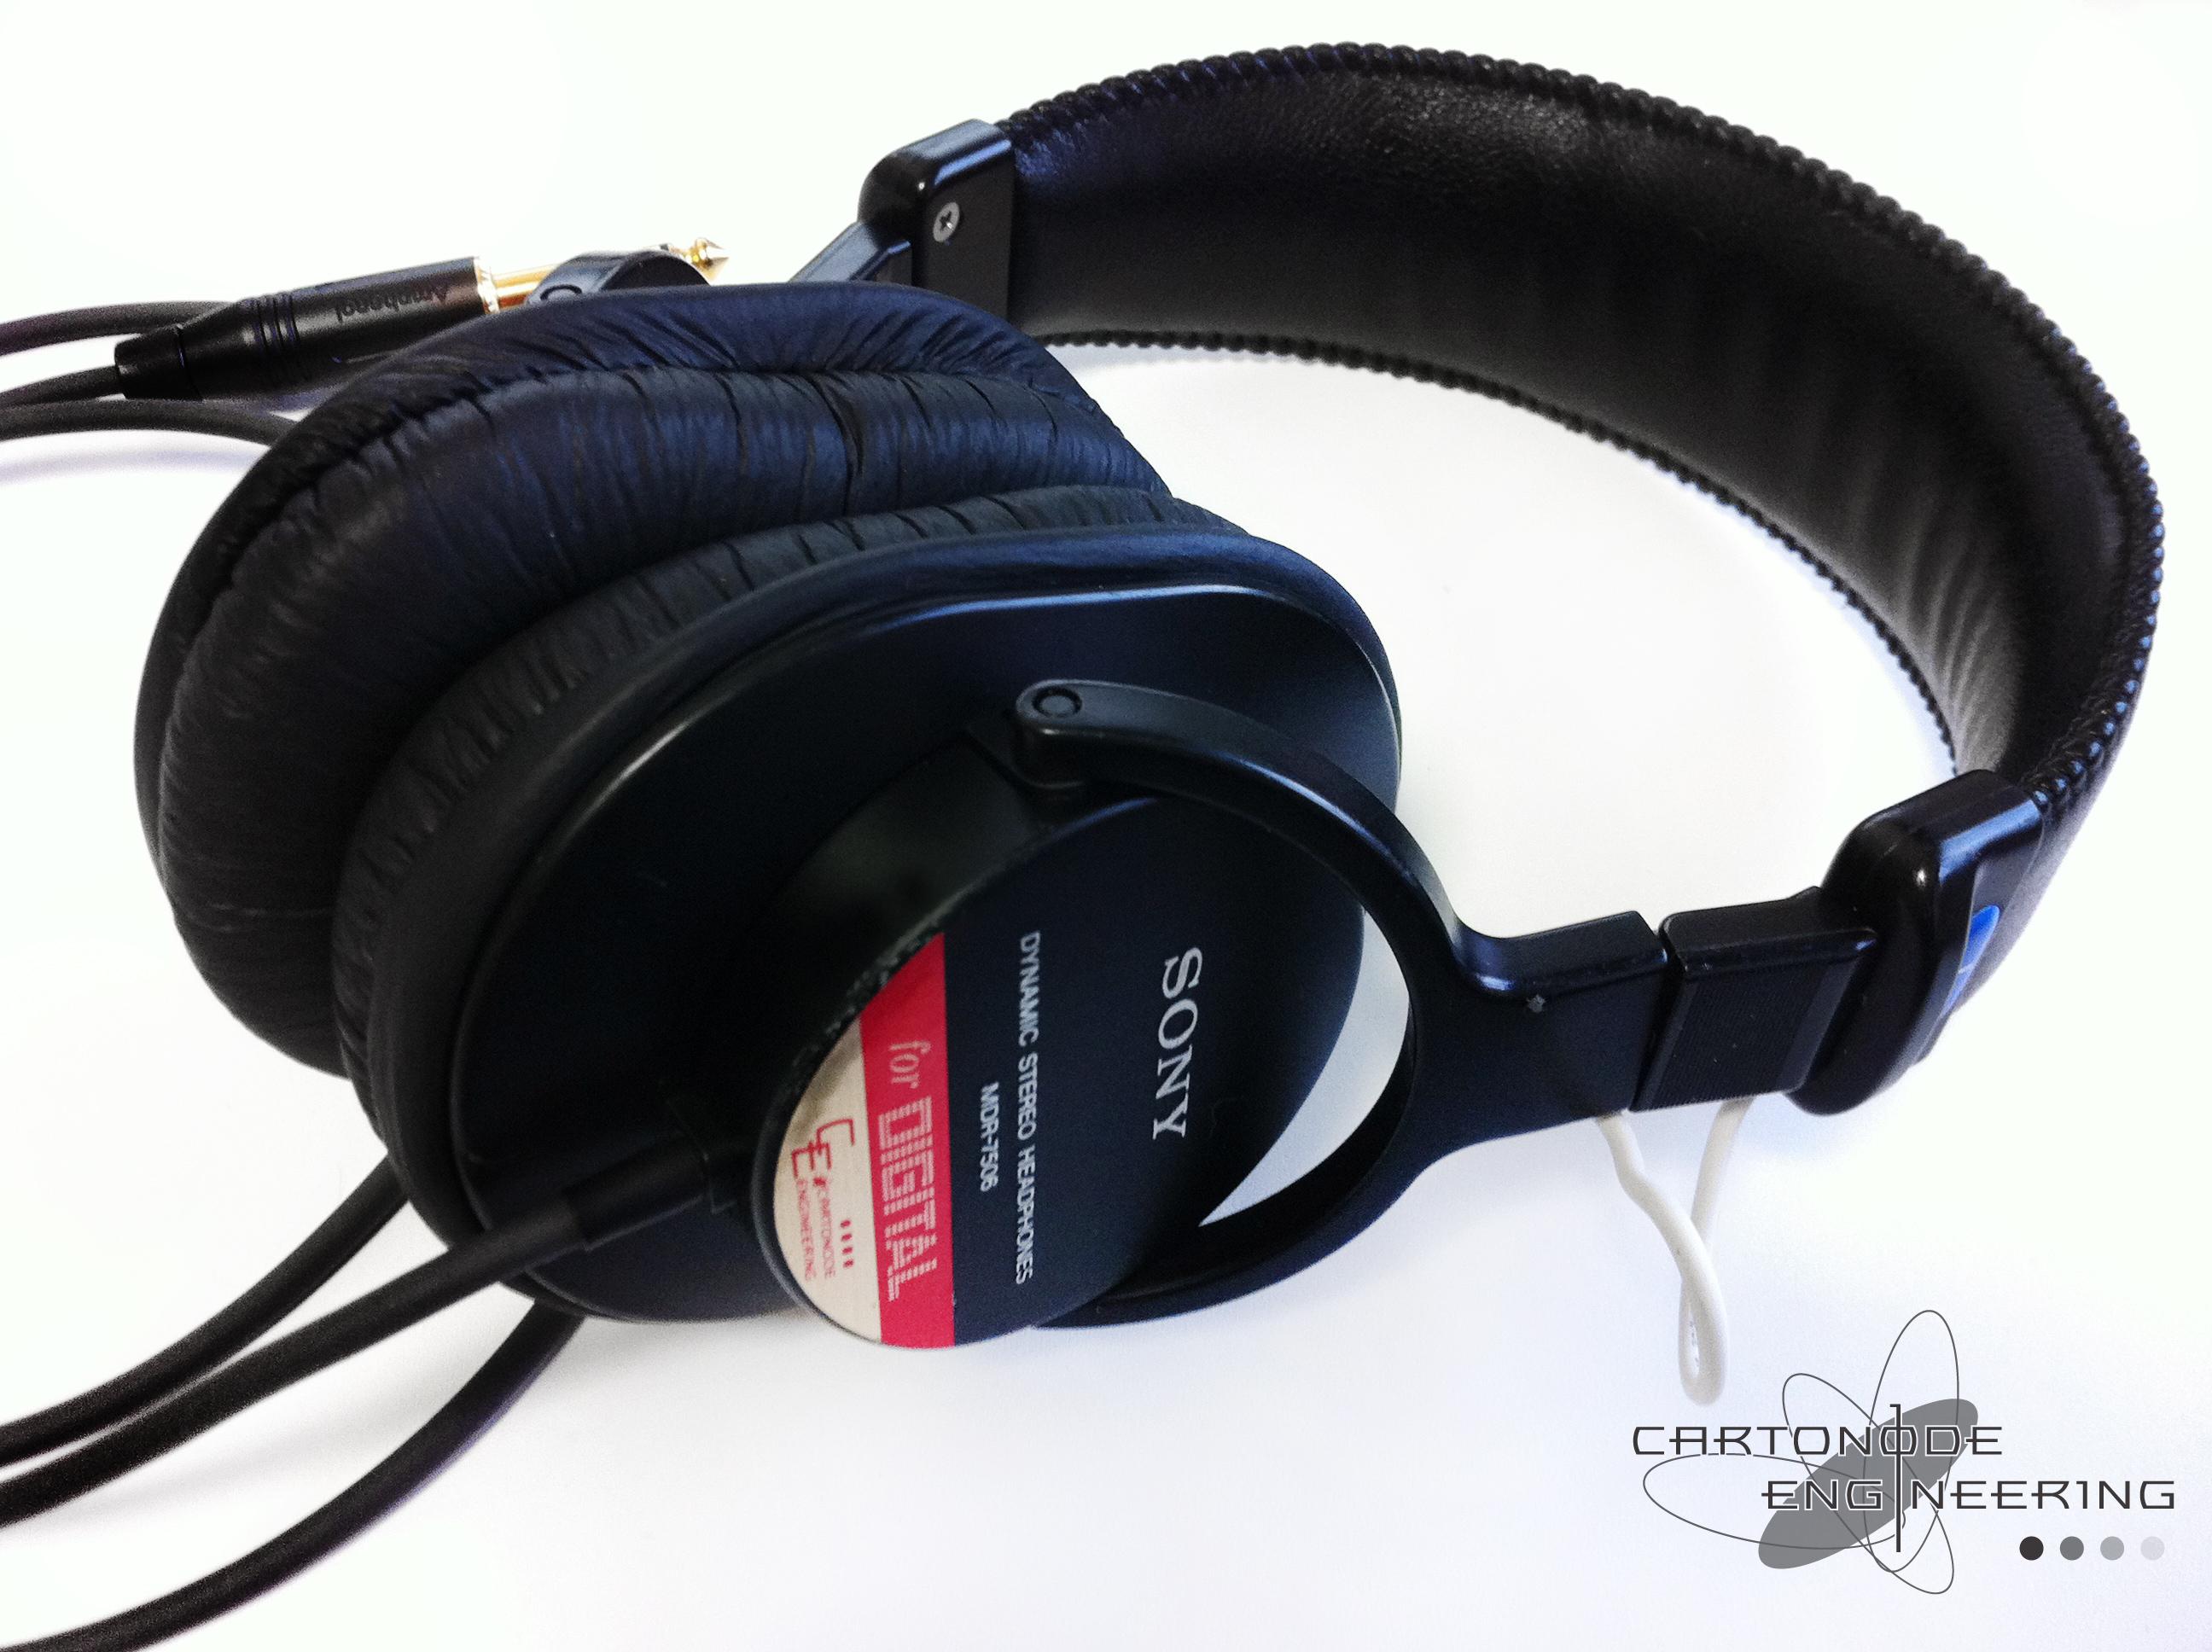 MDR-7506-CEMOD